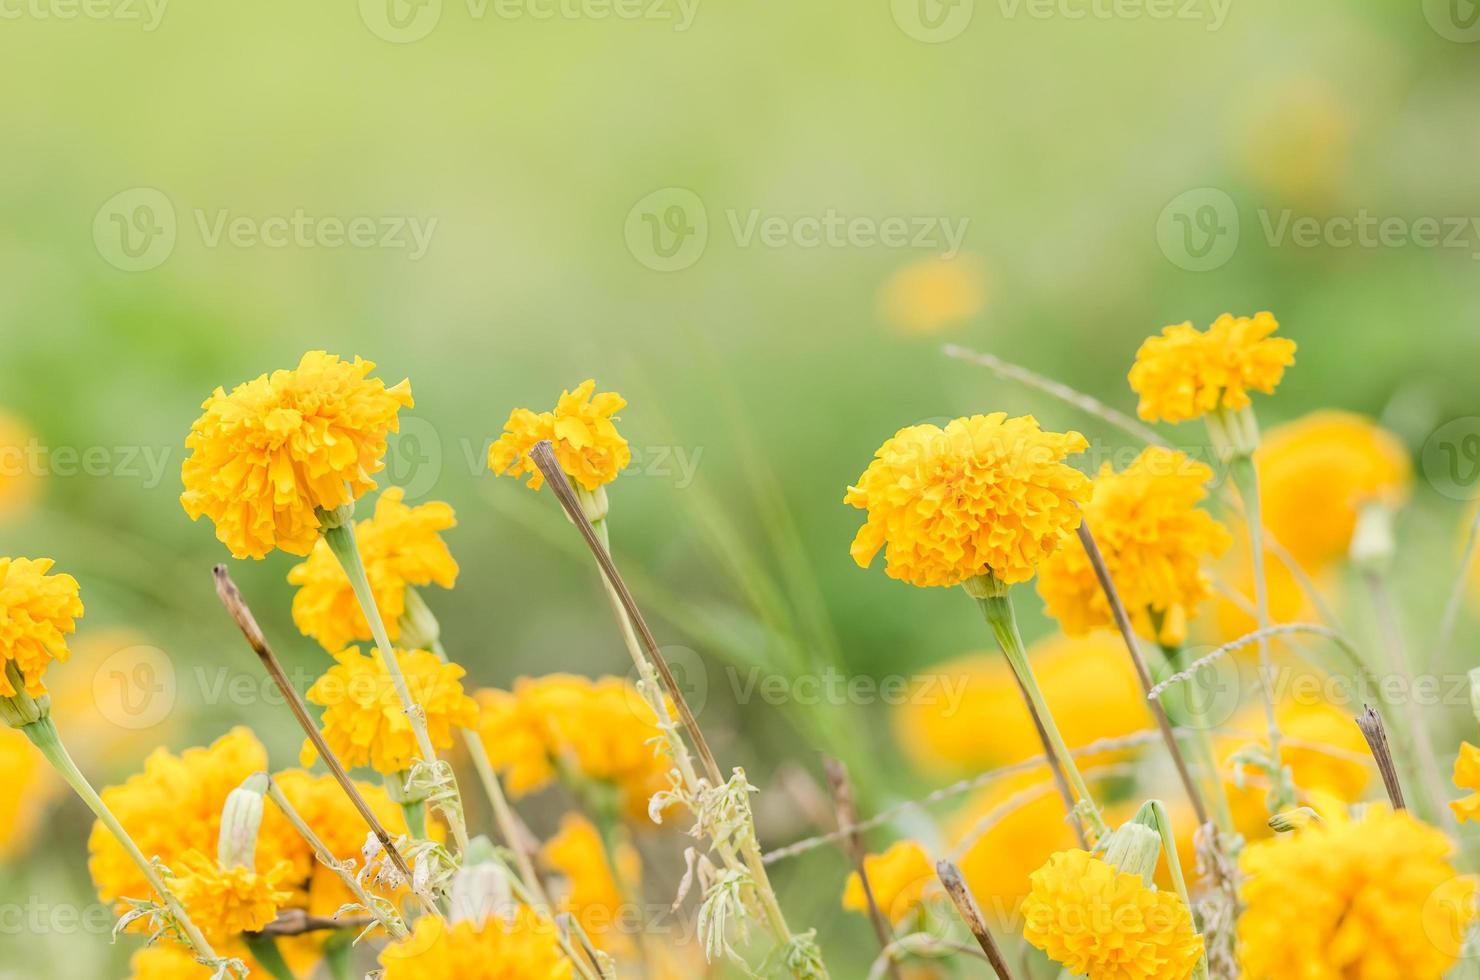 caléndulas o tagetes erecta flor foto